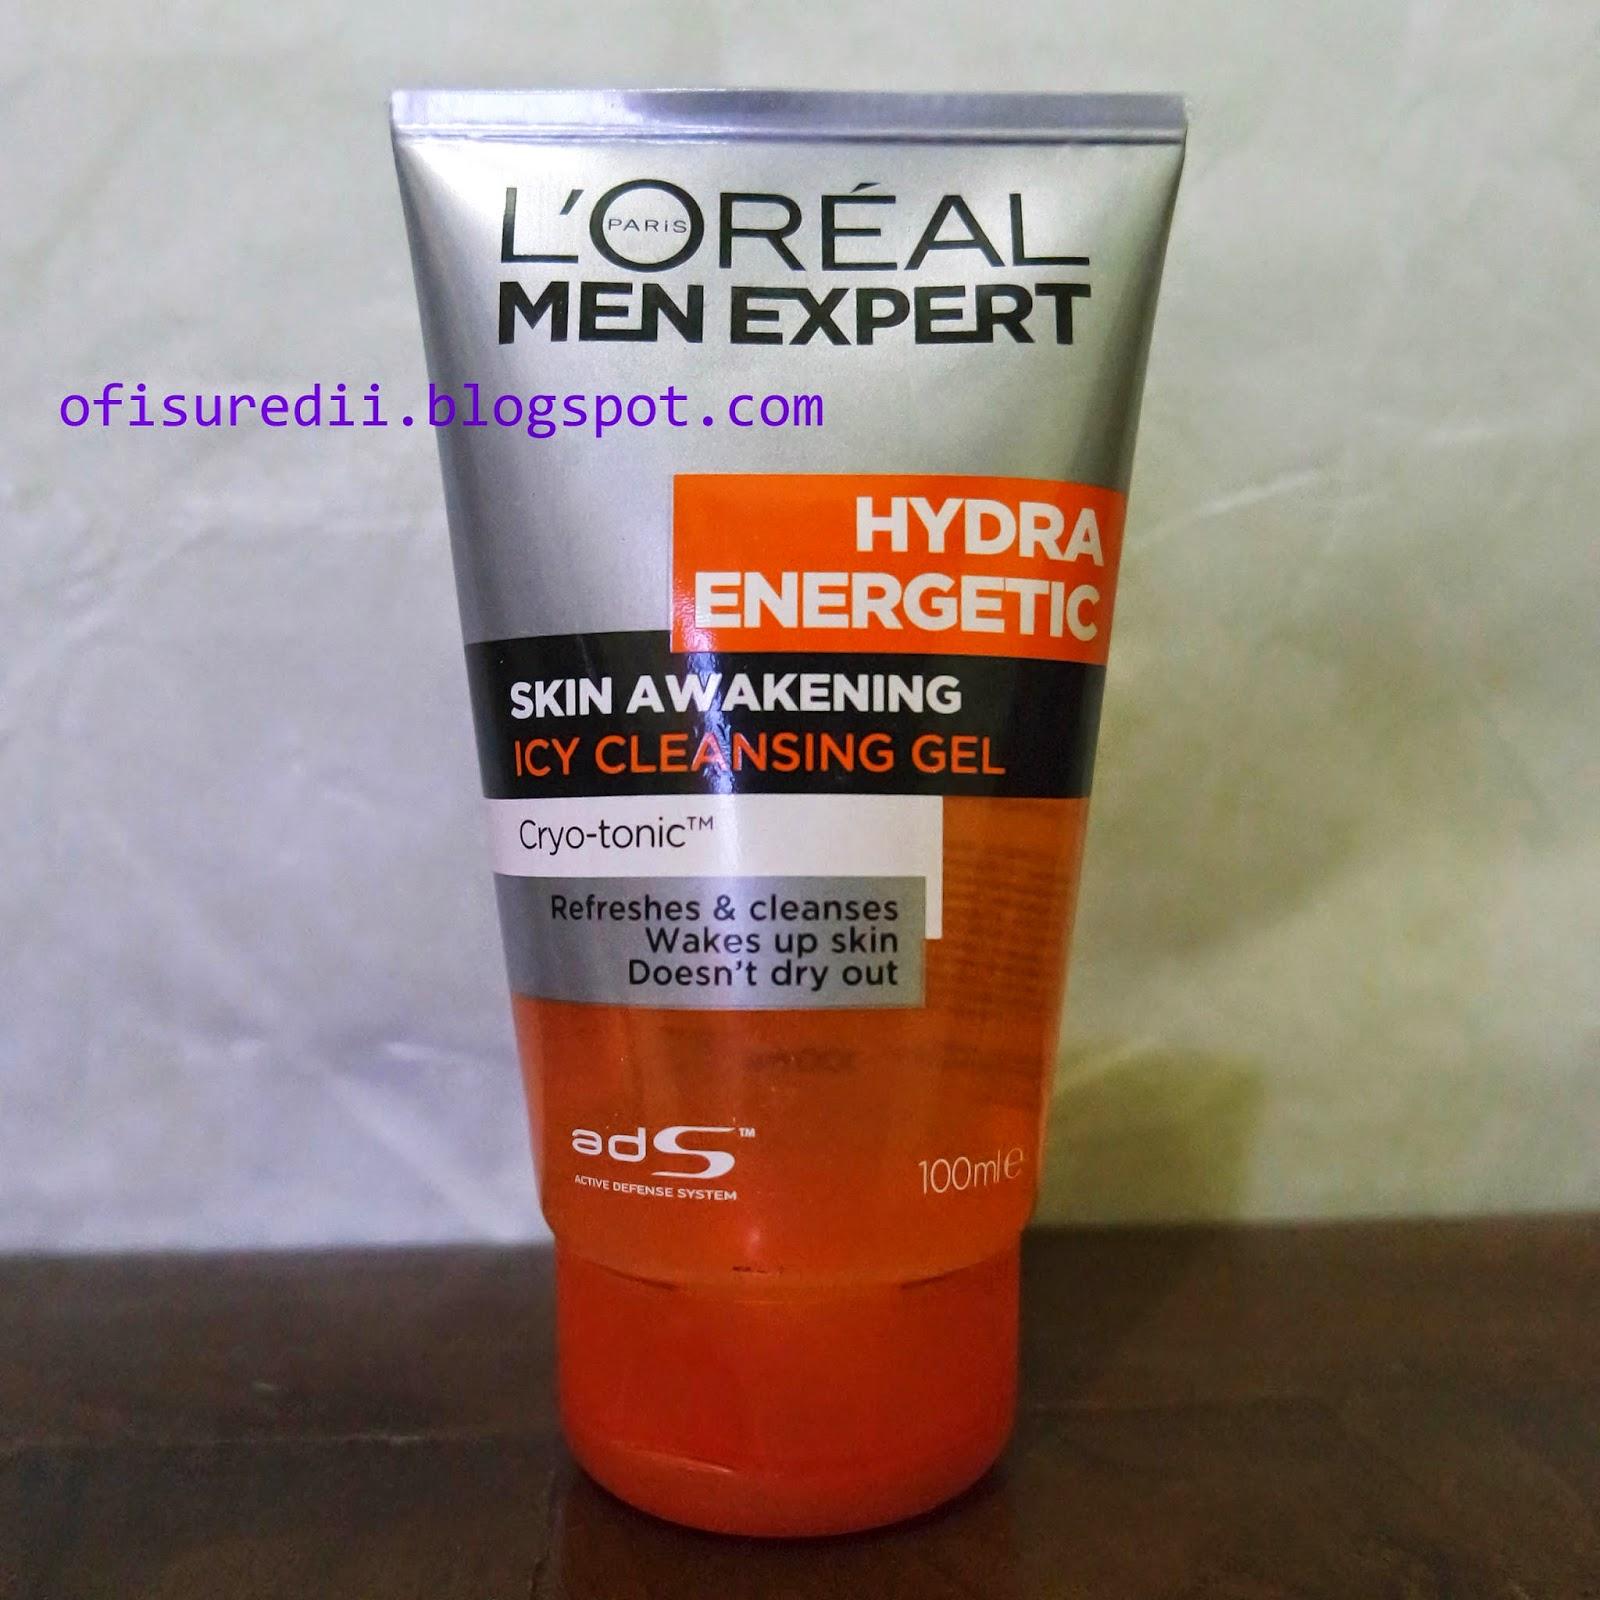 L oreal Men Expert Hydra Ener ic Skin Awakening Icy cleansing Gel panjang ban ya namanya hahaha Ini merupakan sabun muka yang berbentuk gel berwarna